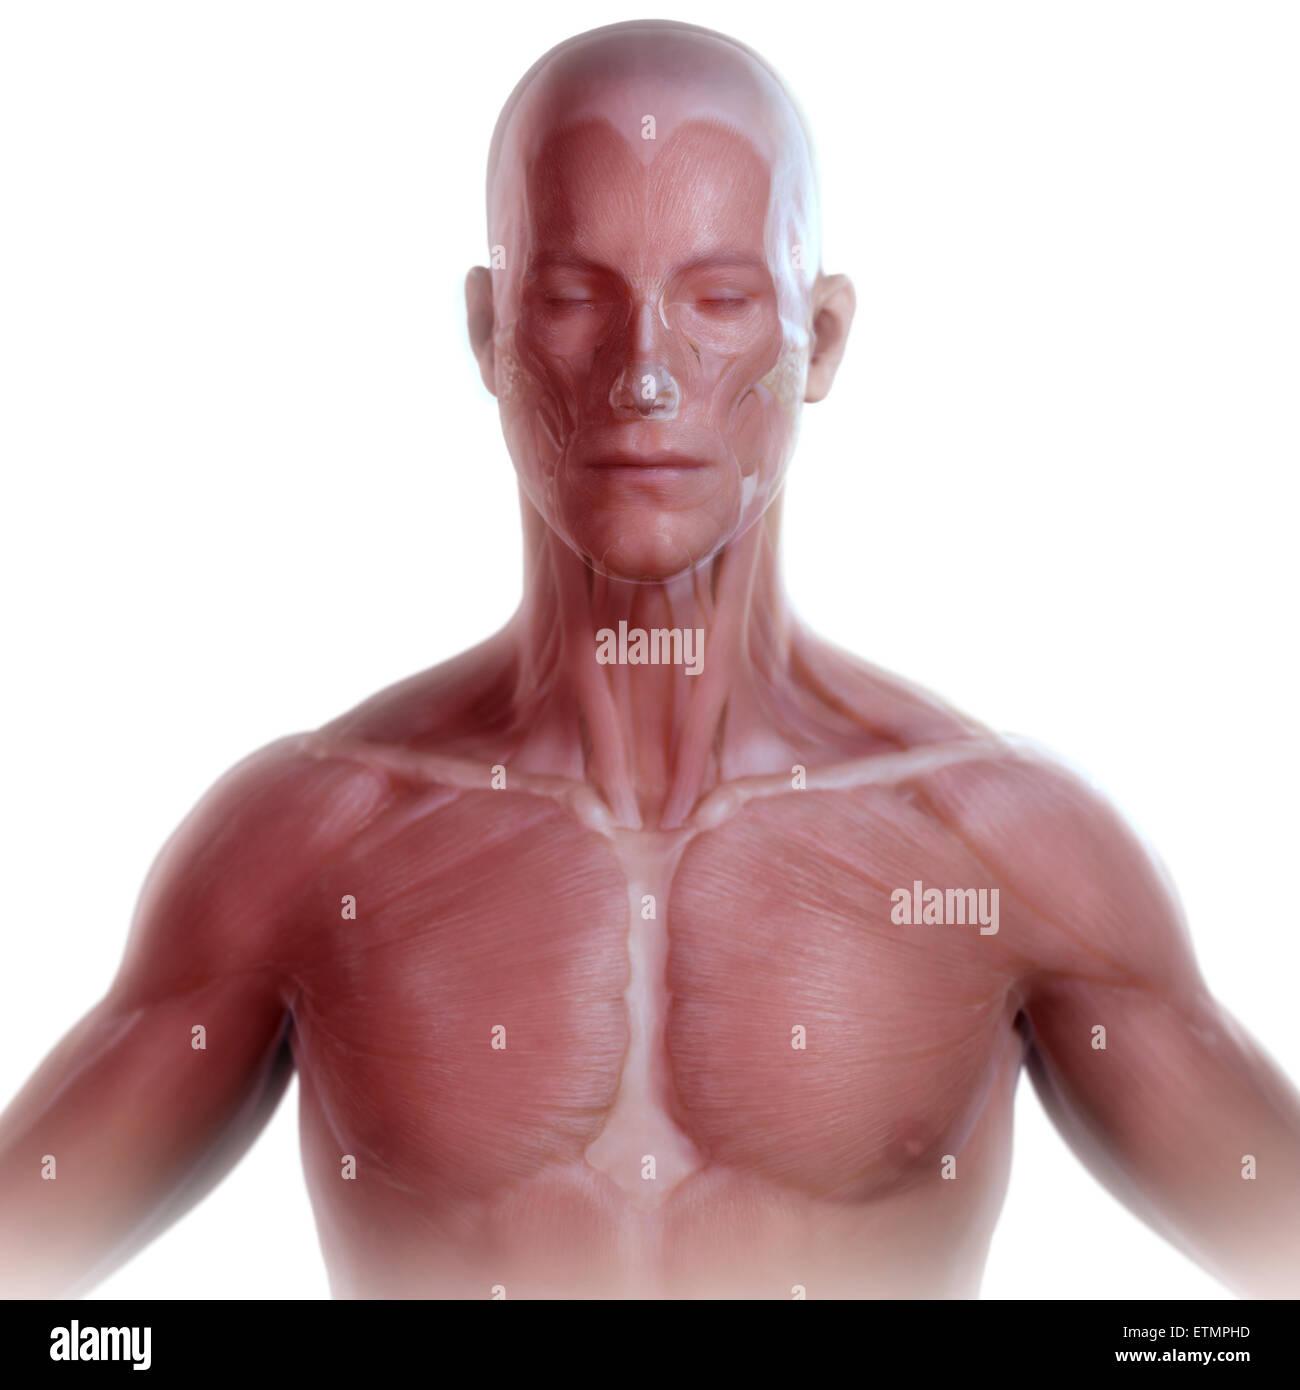 Konzeptbild des Gesichts und des oberen Körpers mit der Muskulatur unter der Haut sichtbar. Stockbild